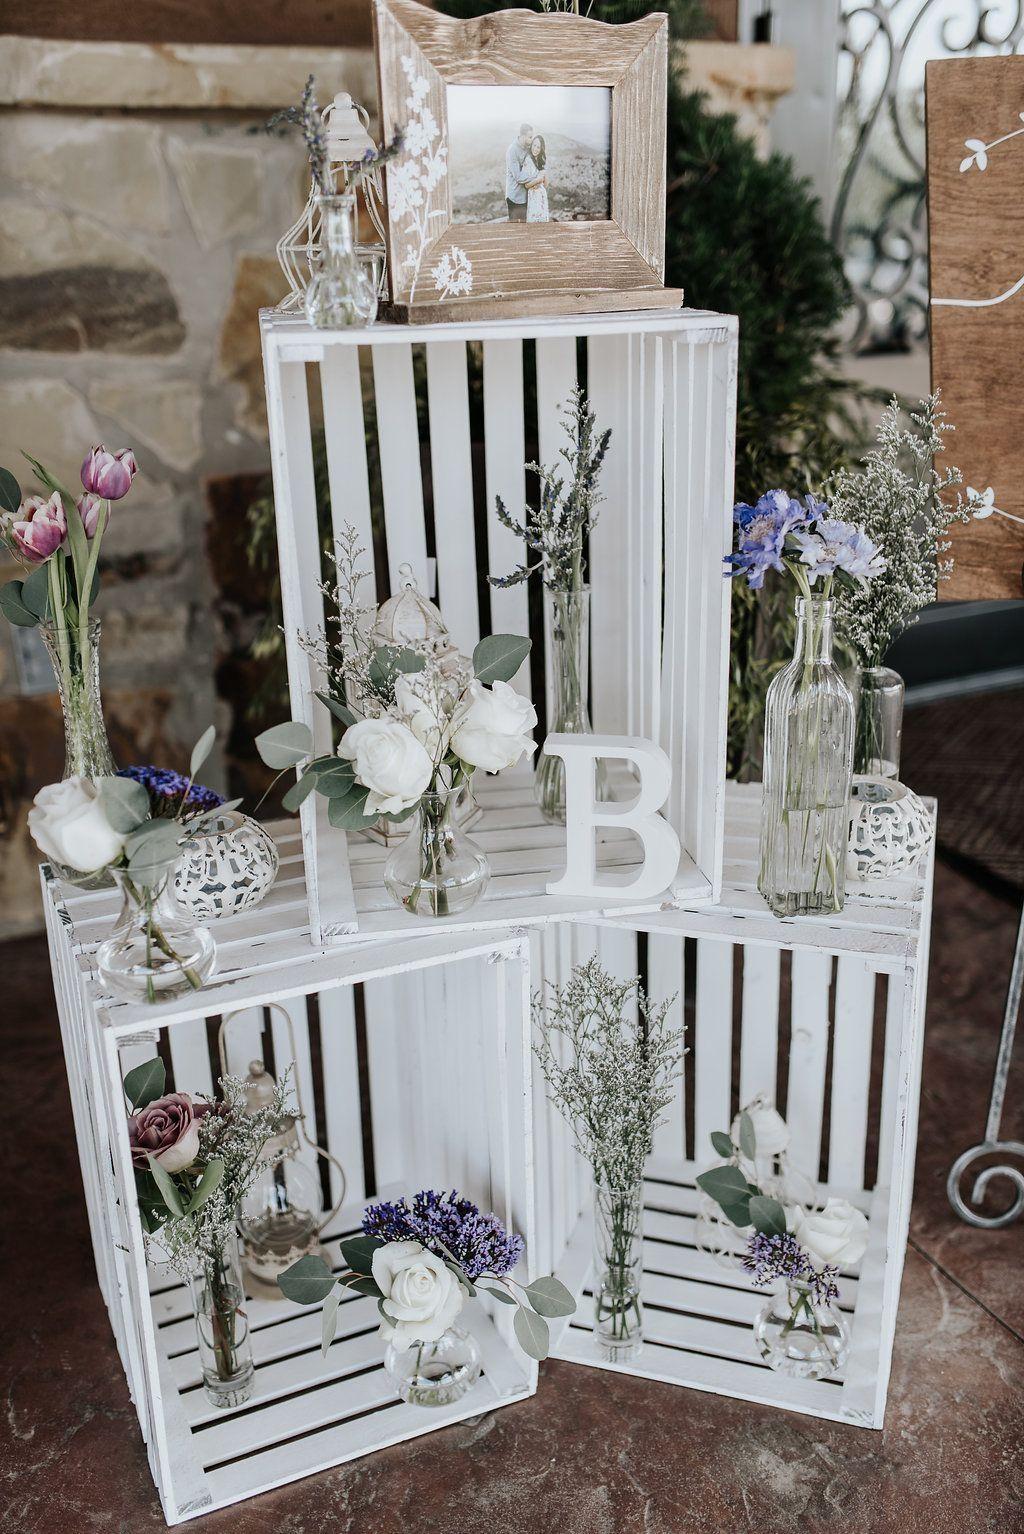 Pin By Ibnu Thabroni On Wedding Ideas Lavender Wedding Decorations Wedding Reception Decorations Rustic Wedding Entrance Decor